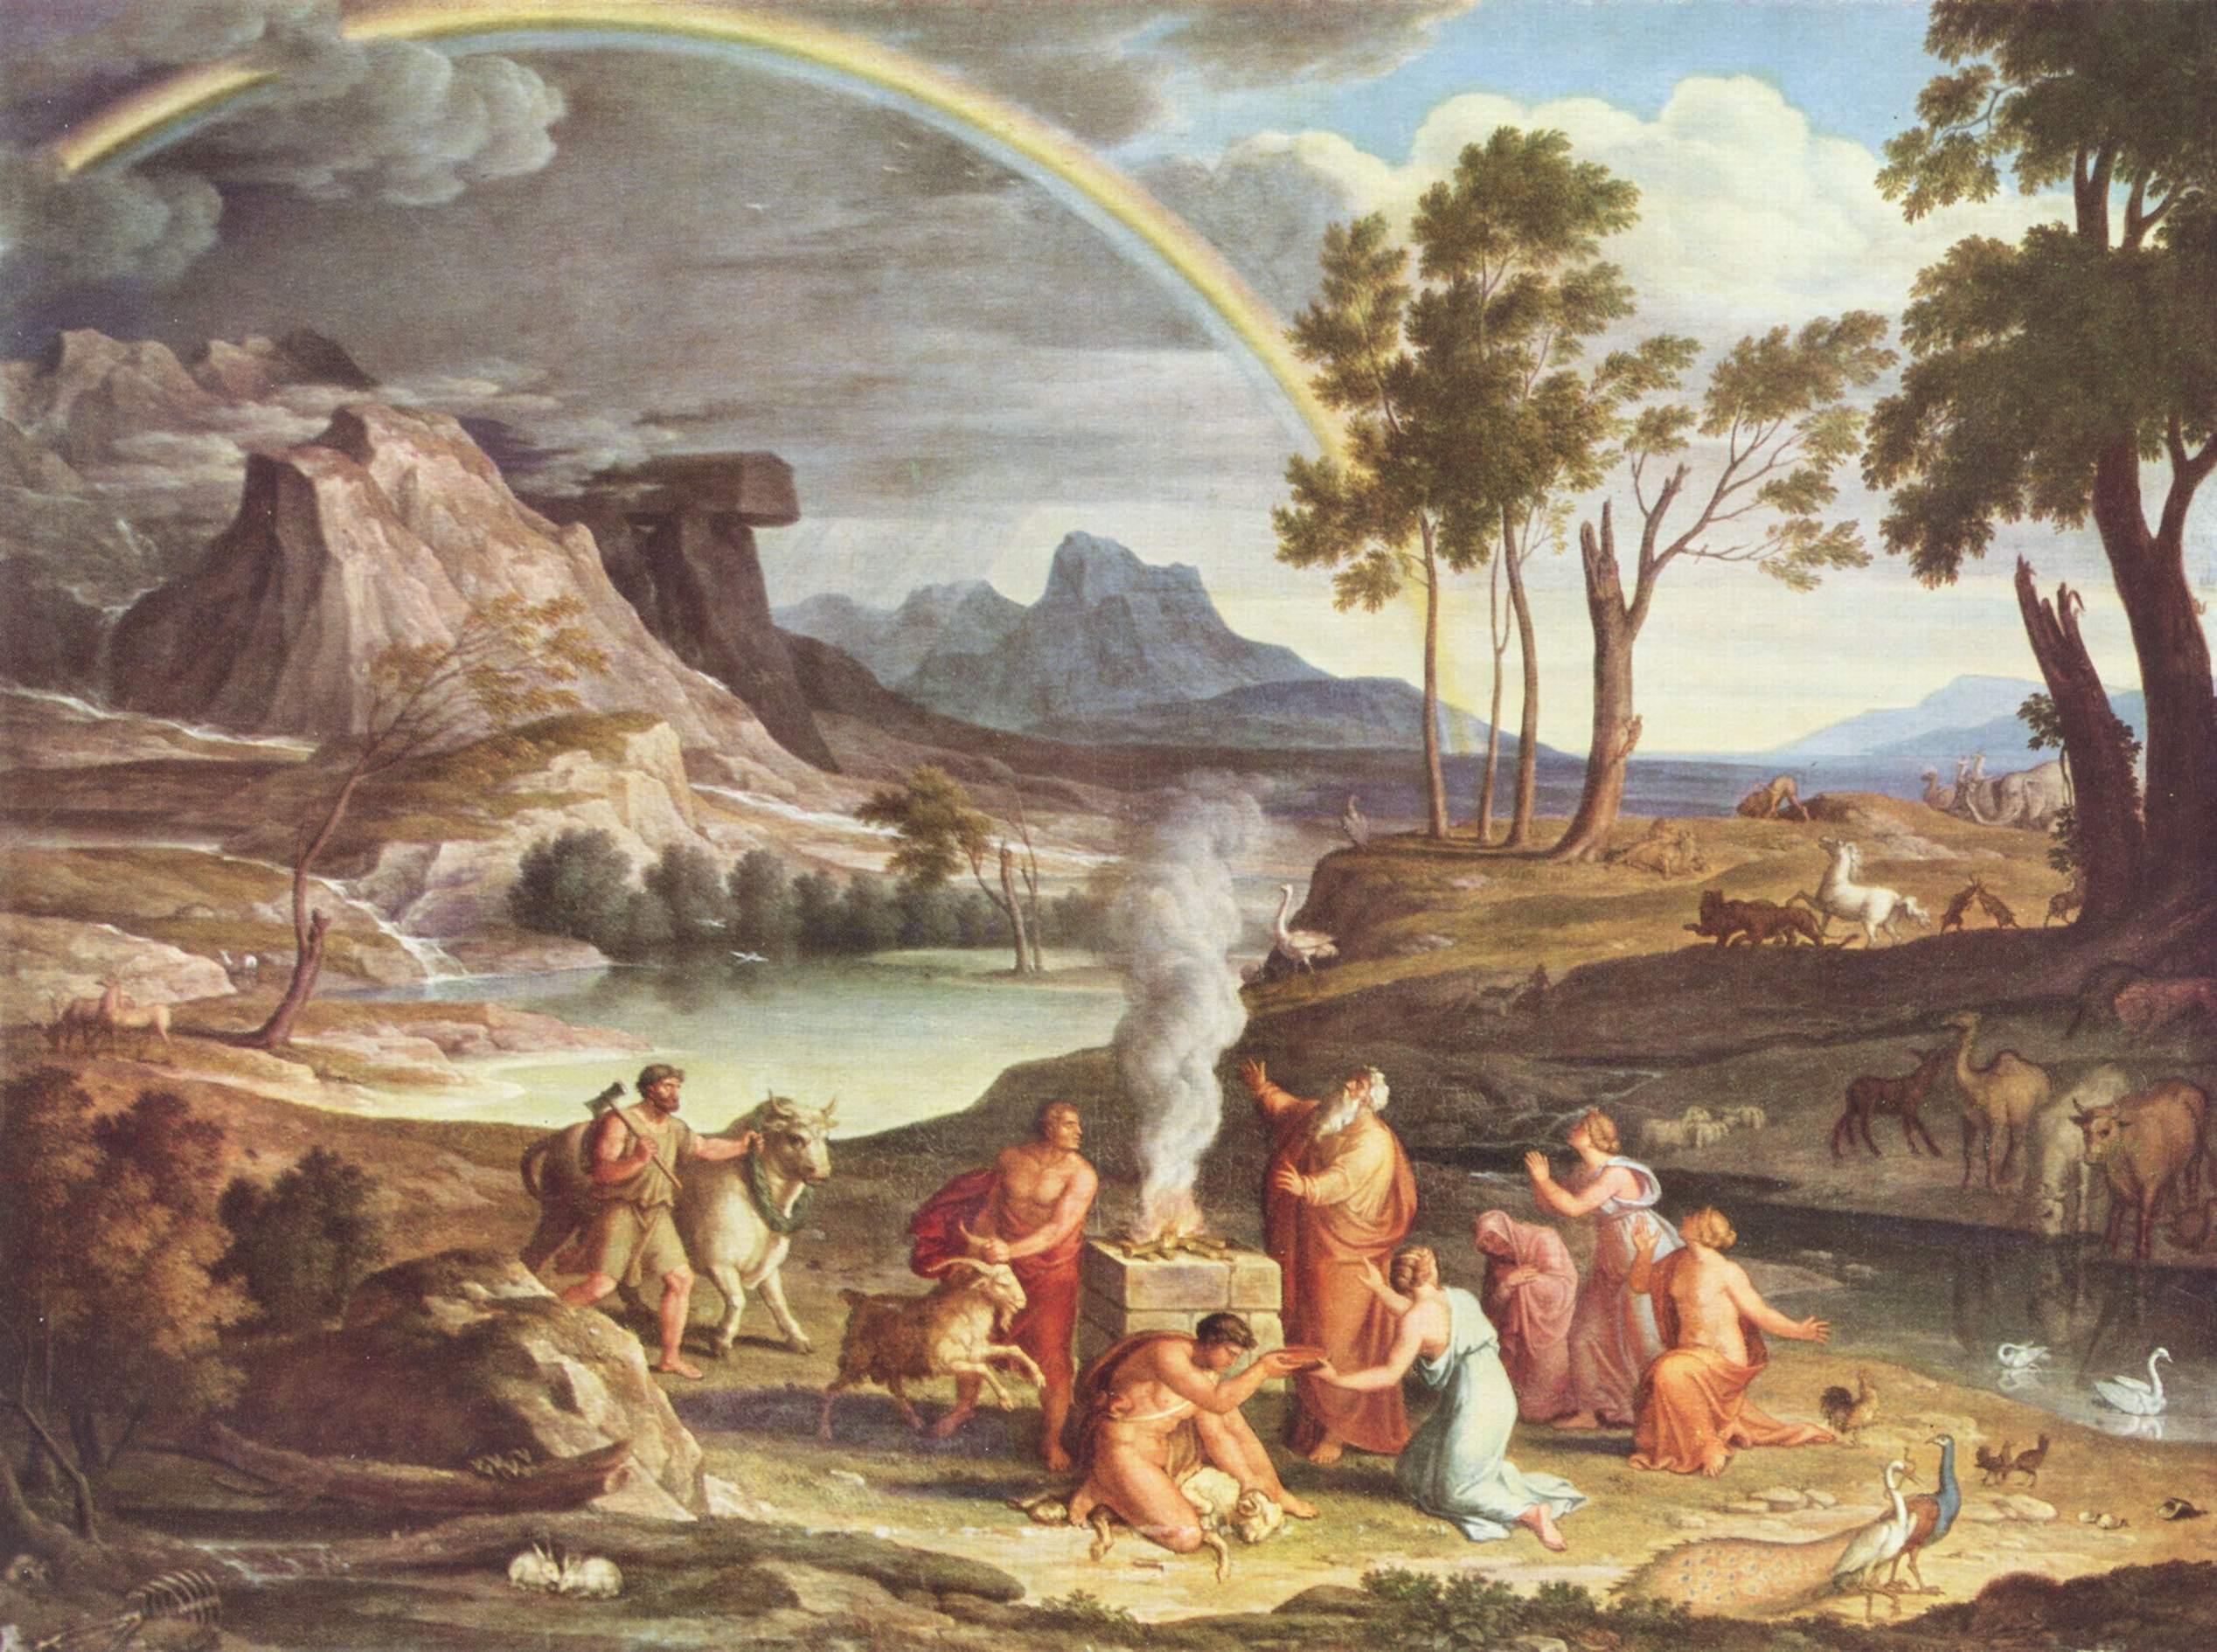 Пейзаж с жертвоприношением Ноя. Йозеф Антон Кох, ок. 1803